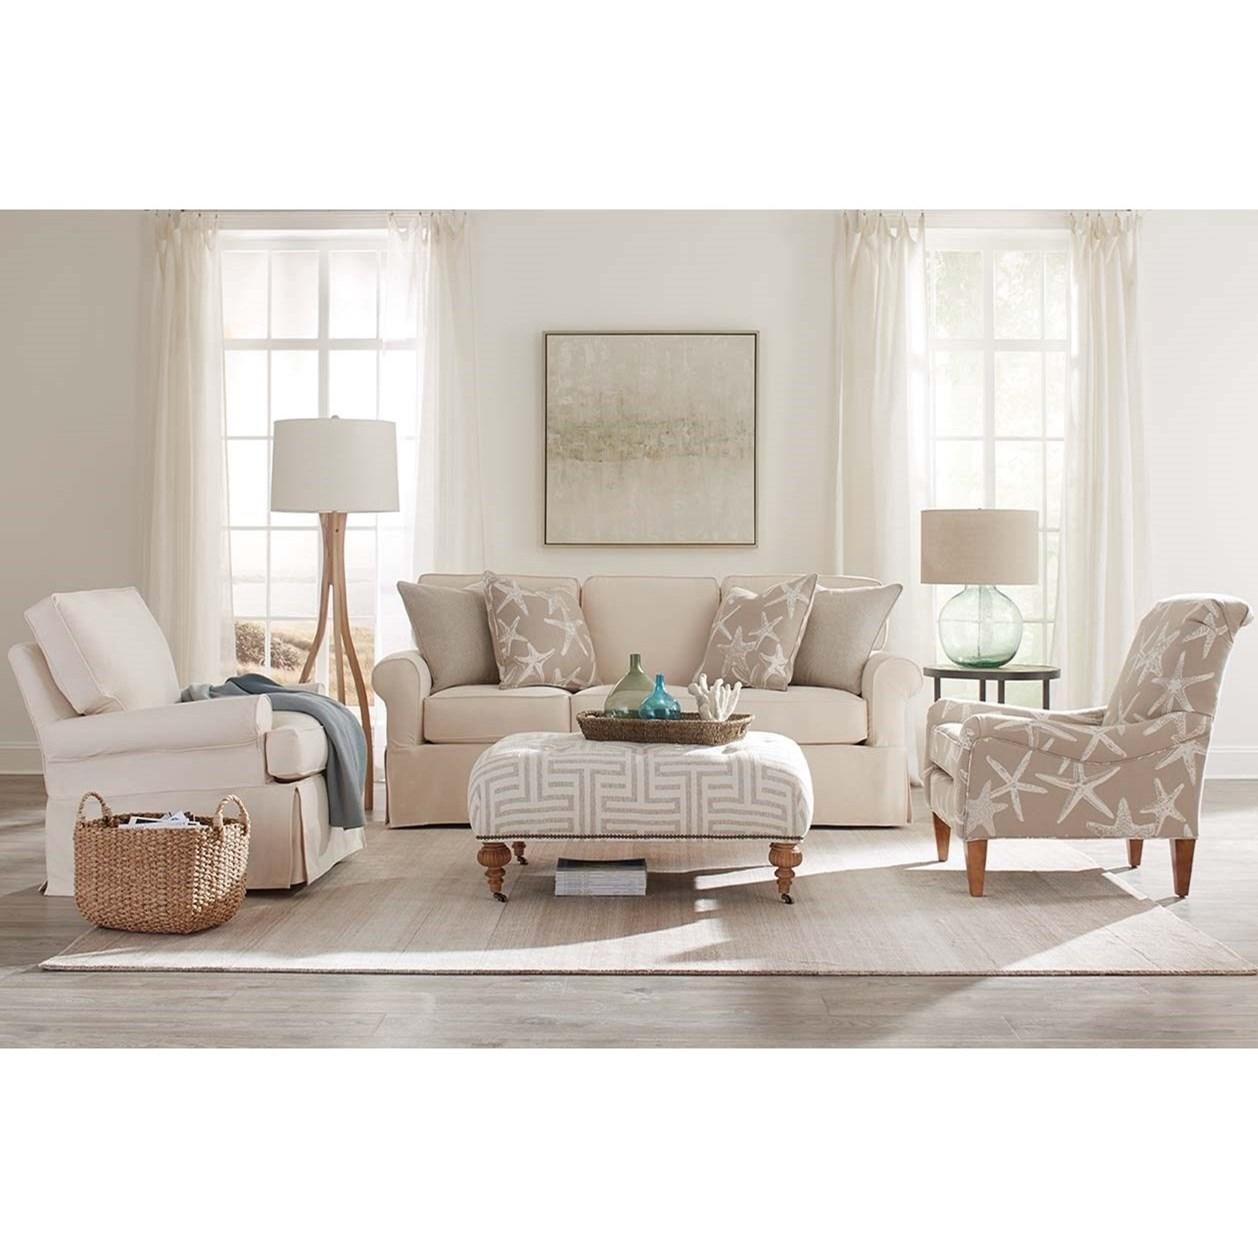 Rowe nantucket sofa rowe sofa slipcovers nantucket aecagra for Rowe furniture slipcovers nantucket